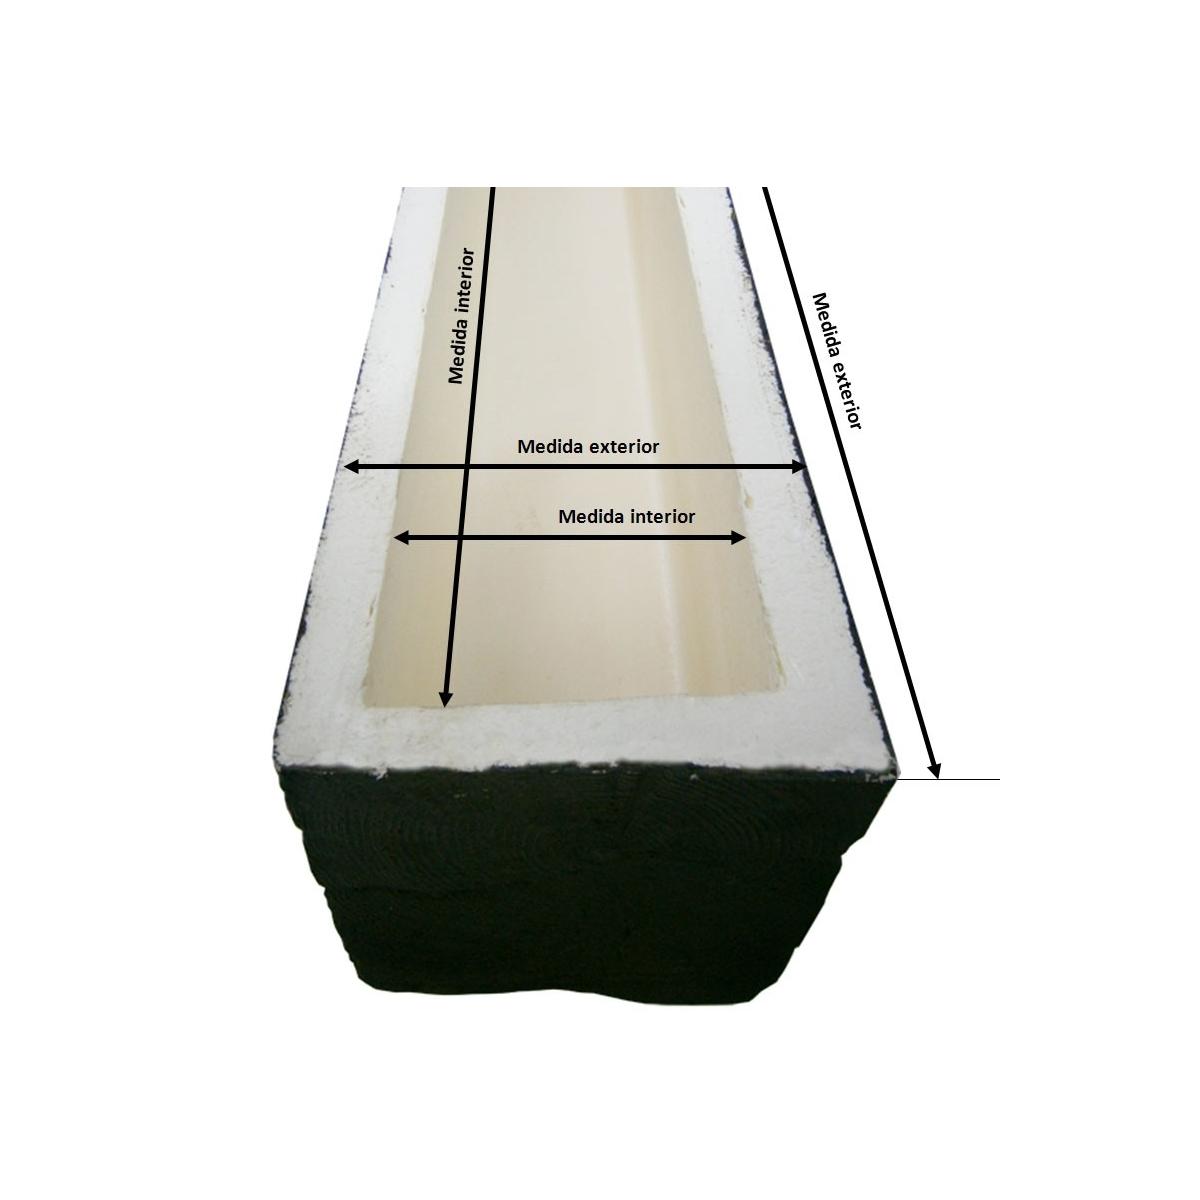 Viga imitación a madera 300x12x12 Grupo Unamacor Vigas imitación madera cuadradas